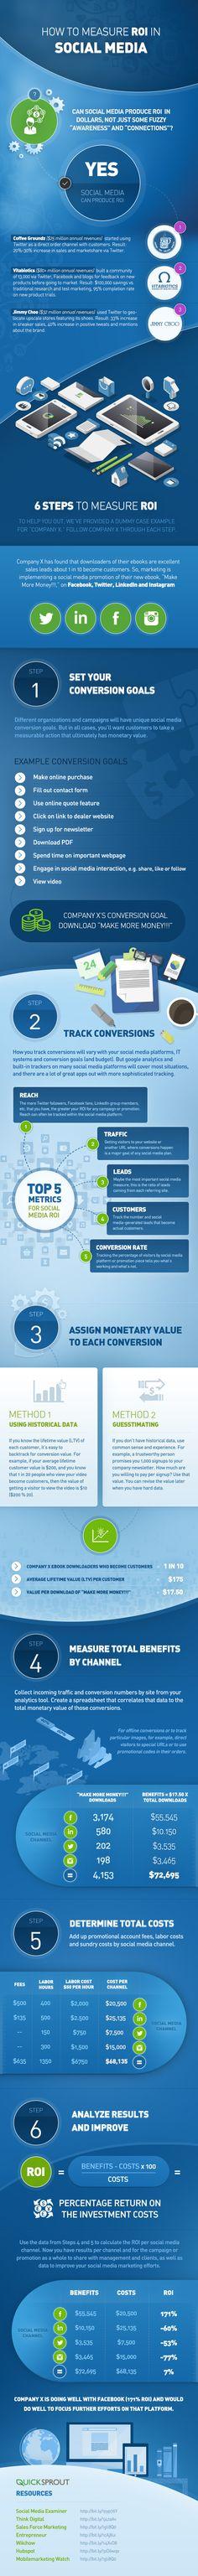 6 Pasos para Medir el ROI de tus Campañas de Social Media Marketing [Infografía]